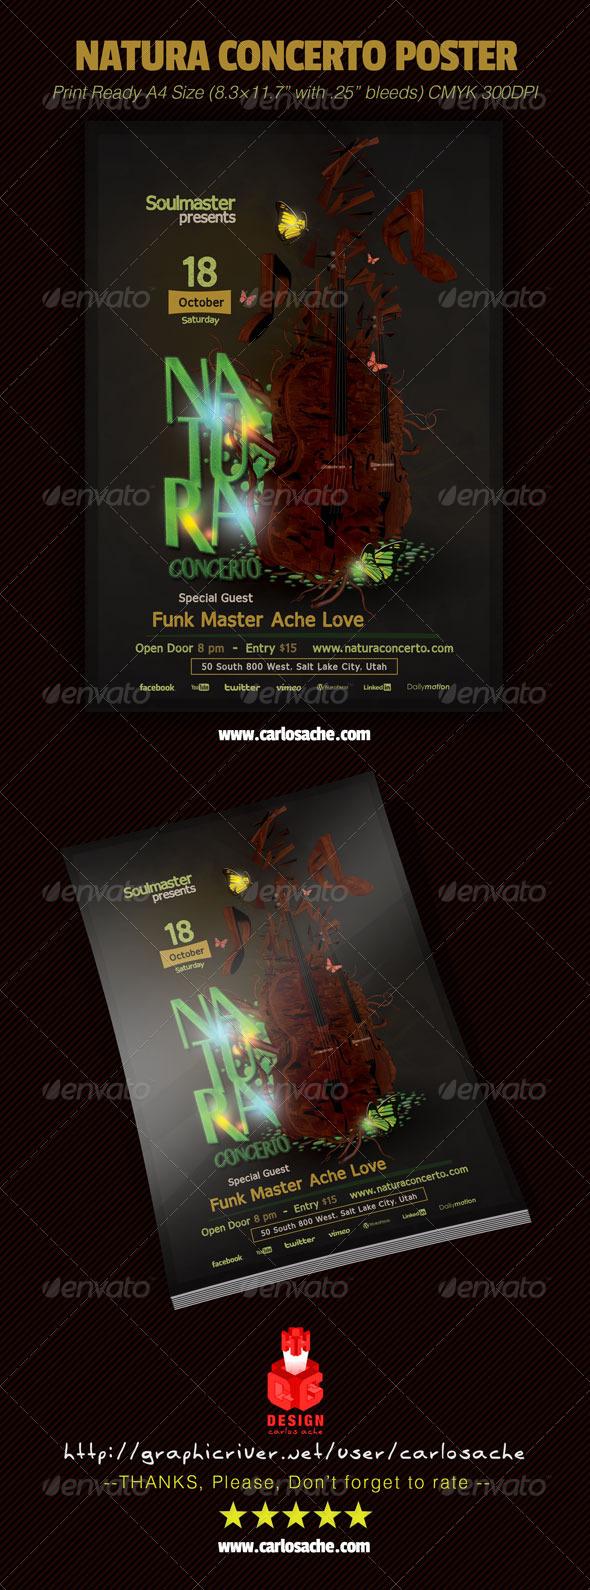 GraphicRiver Natura Concerto Poster 6784126